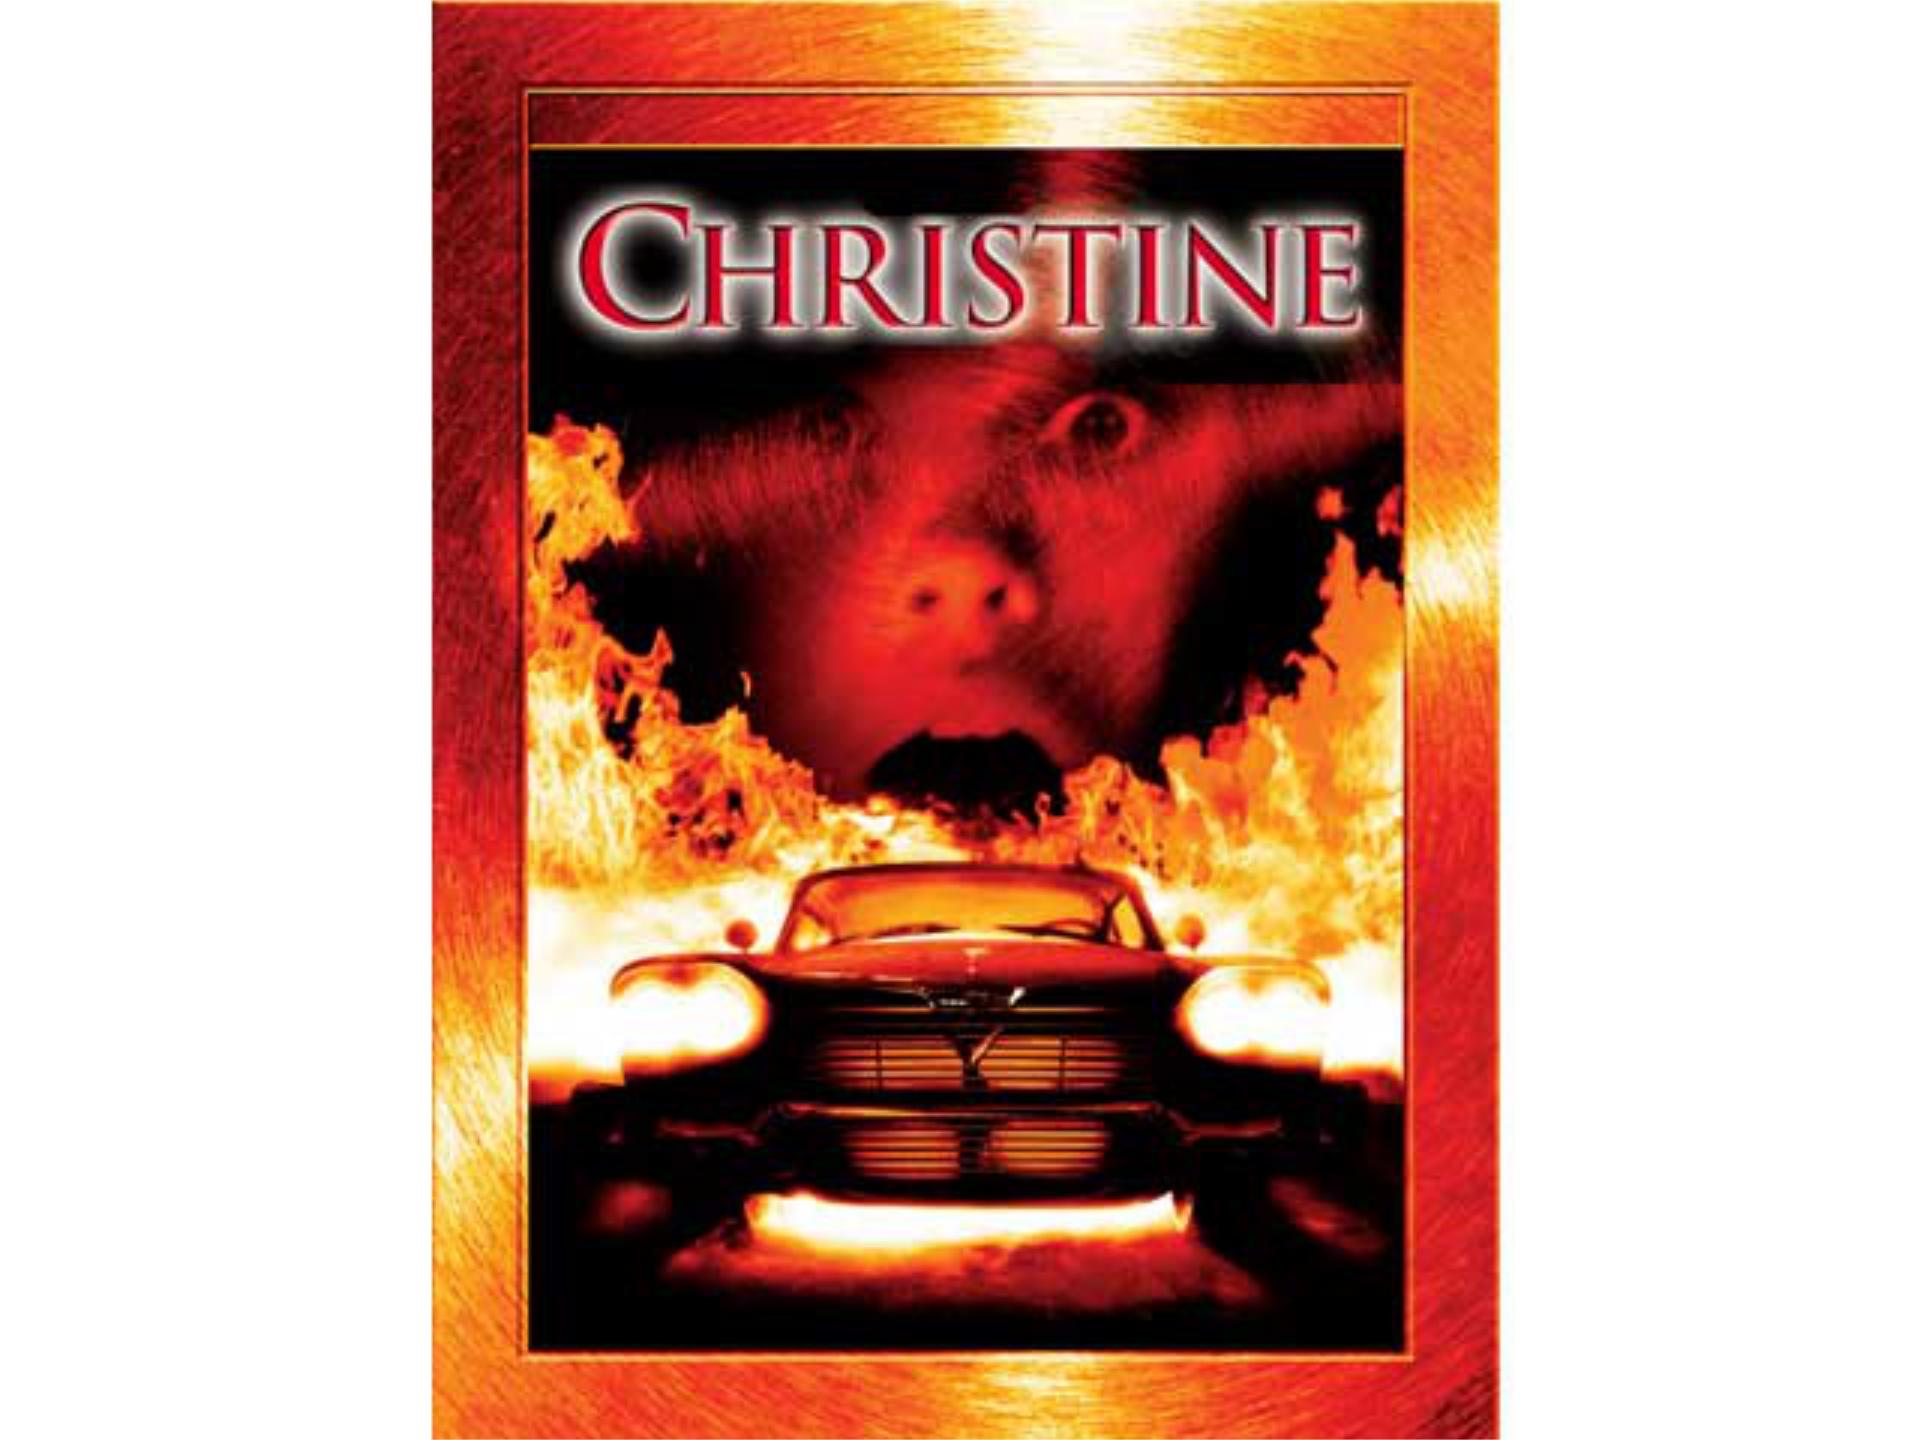 映画 クリスティーン 字幕版 フル動画 初月無料 動画配信サービスのビデオマーケット